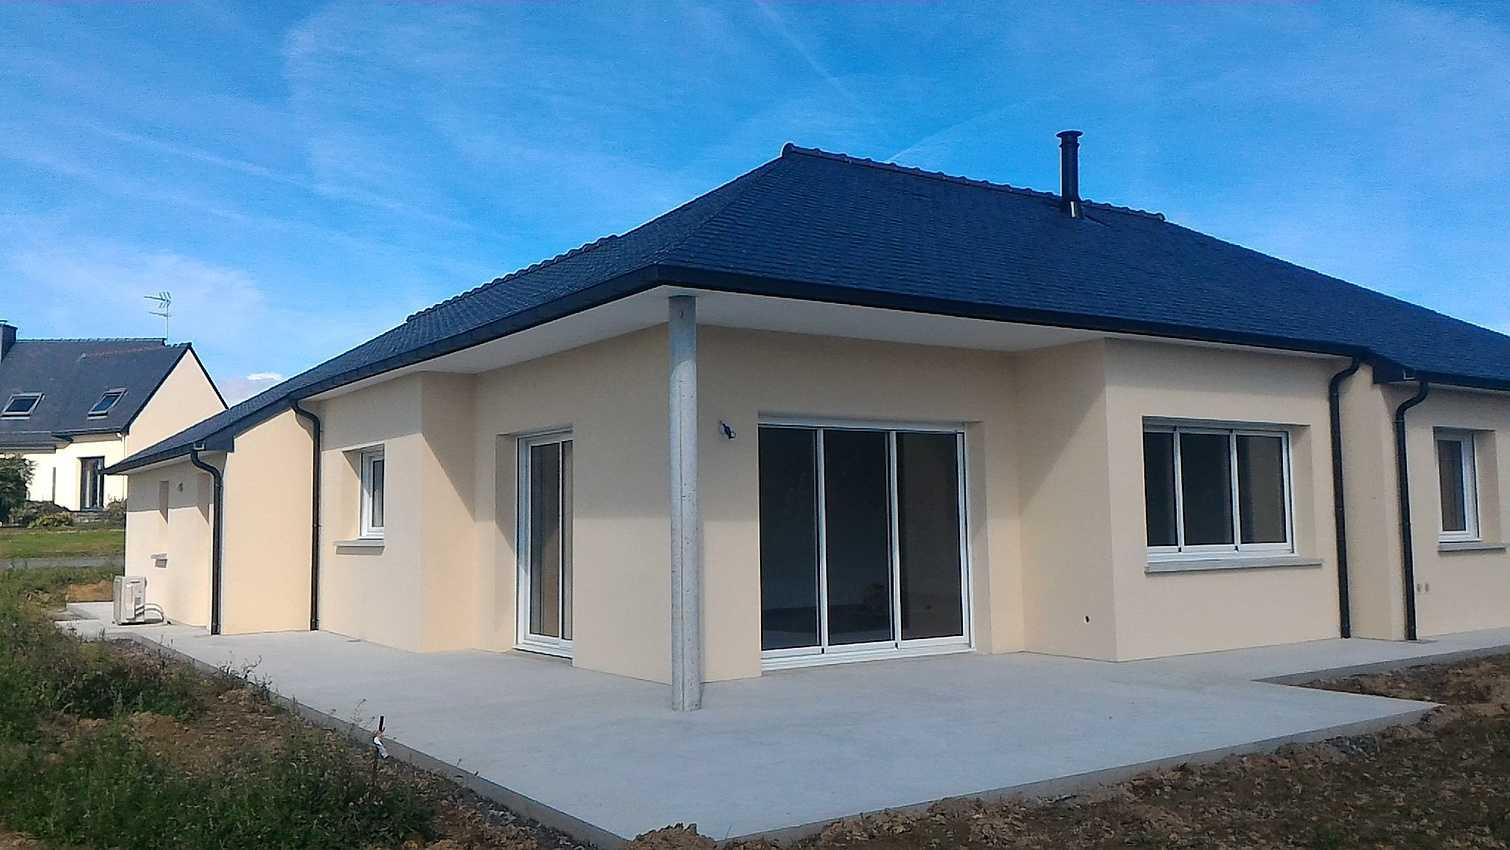 Maison en plain pied située à Plémy - Secteur Moncontour - 110 m2 0